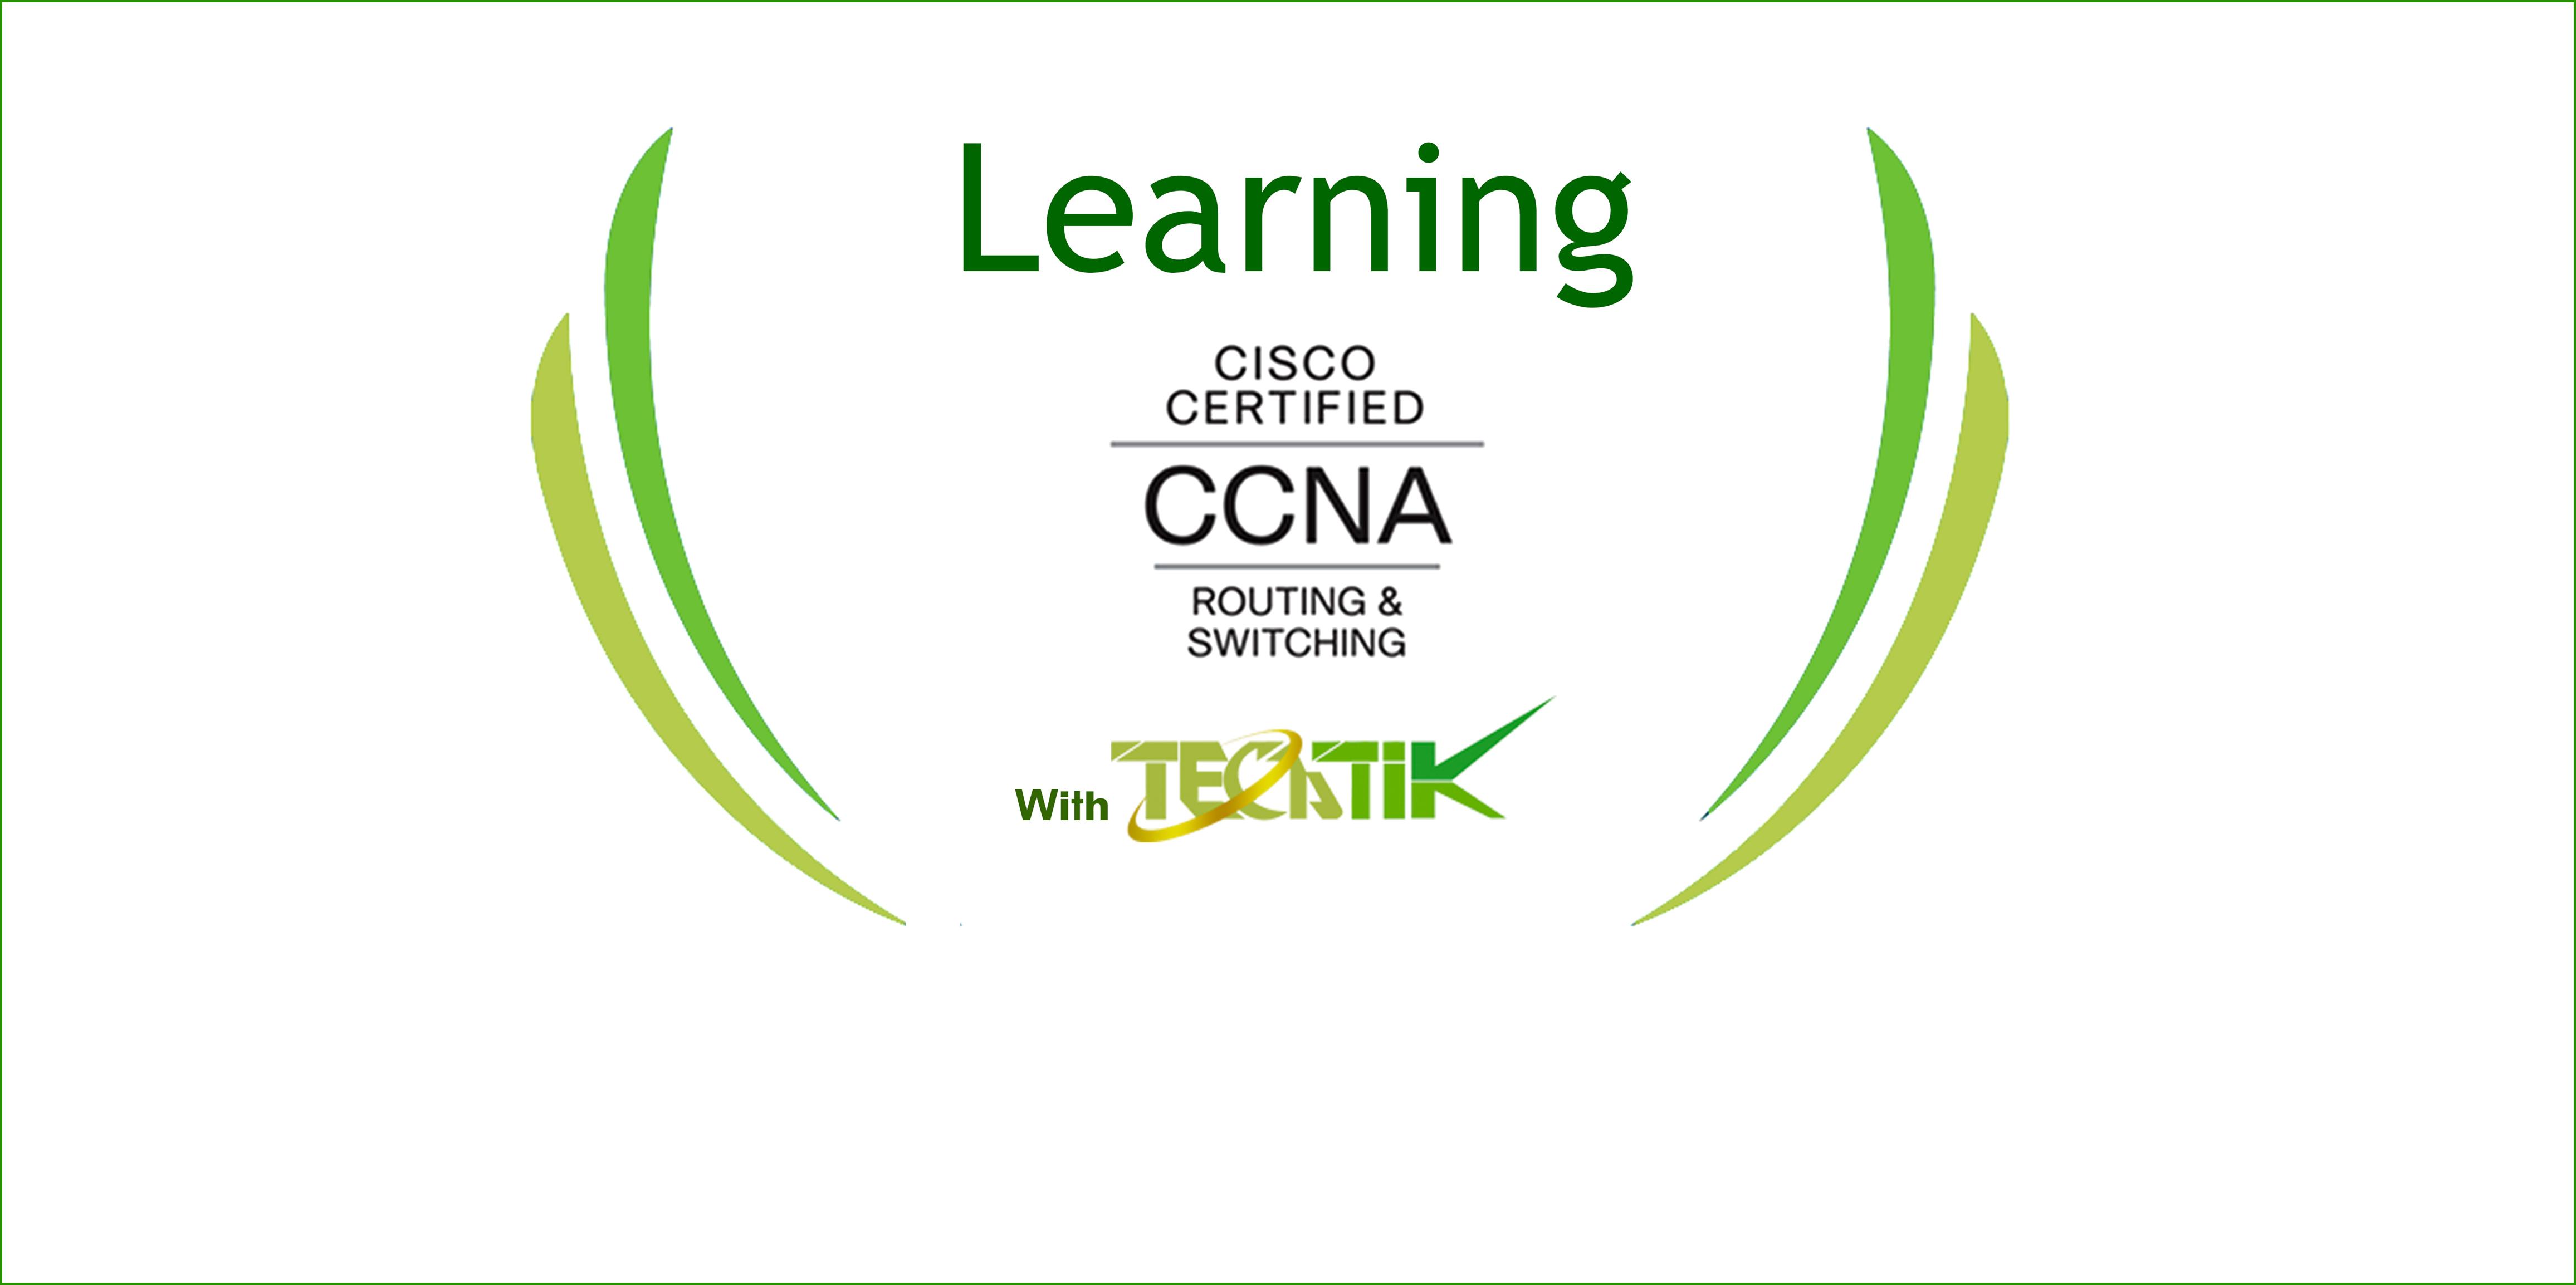 تصویر از آموزش کاربردی شبکه های Lan تا سطح CCNA منحصرا (Routing&Switching)-قسمت پنجم حافظه درسویچ های سیسکو